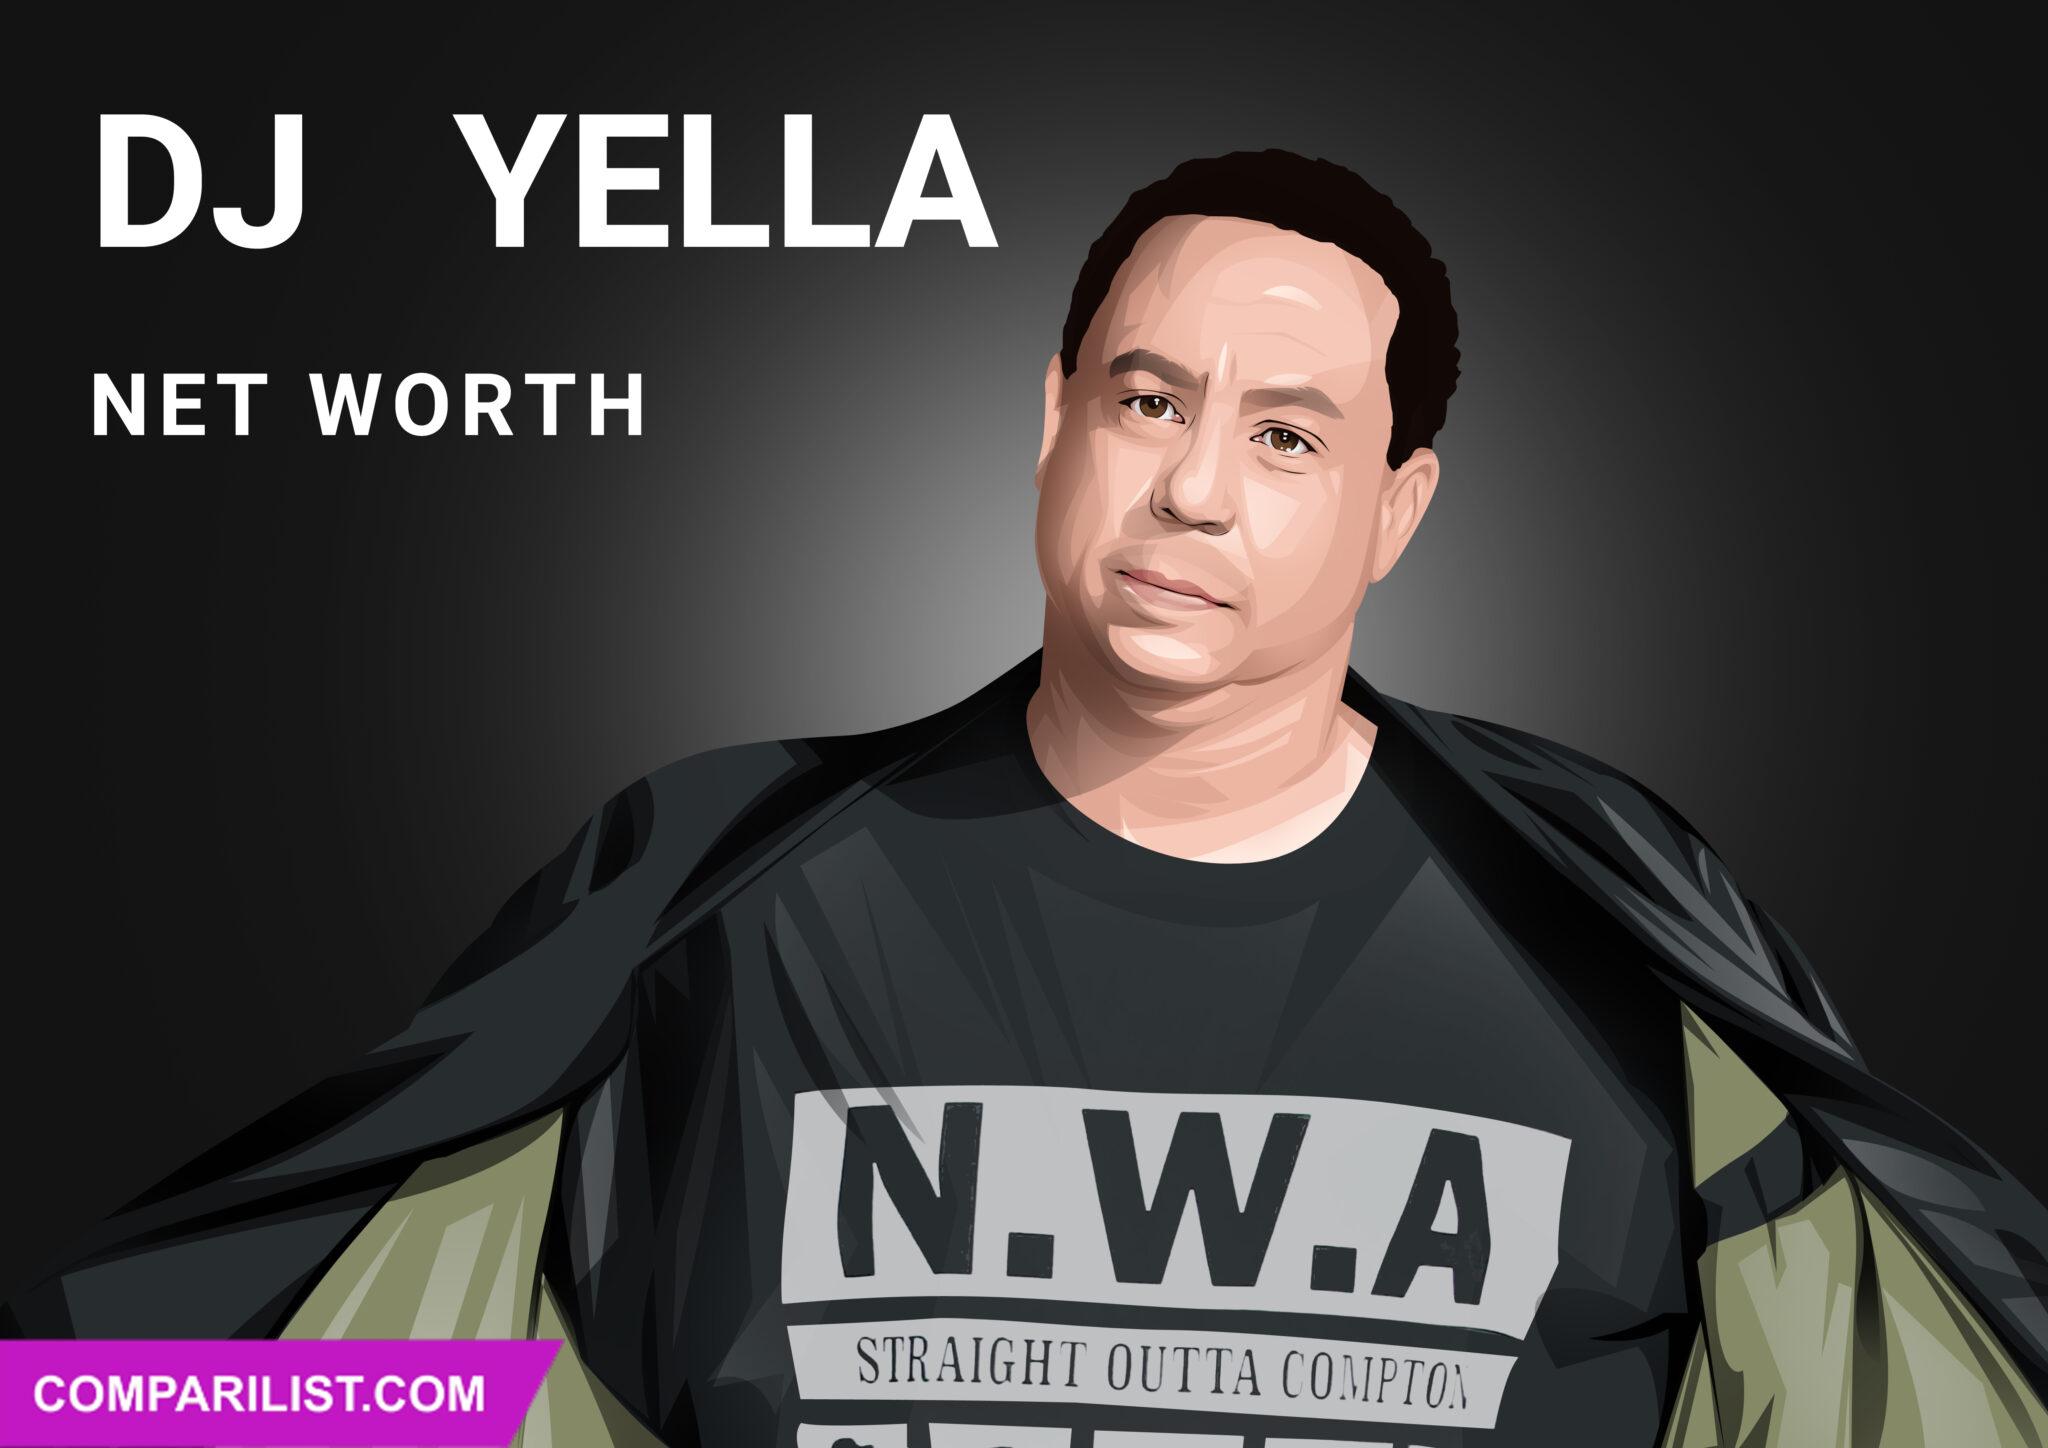 Dj Yella